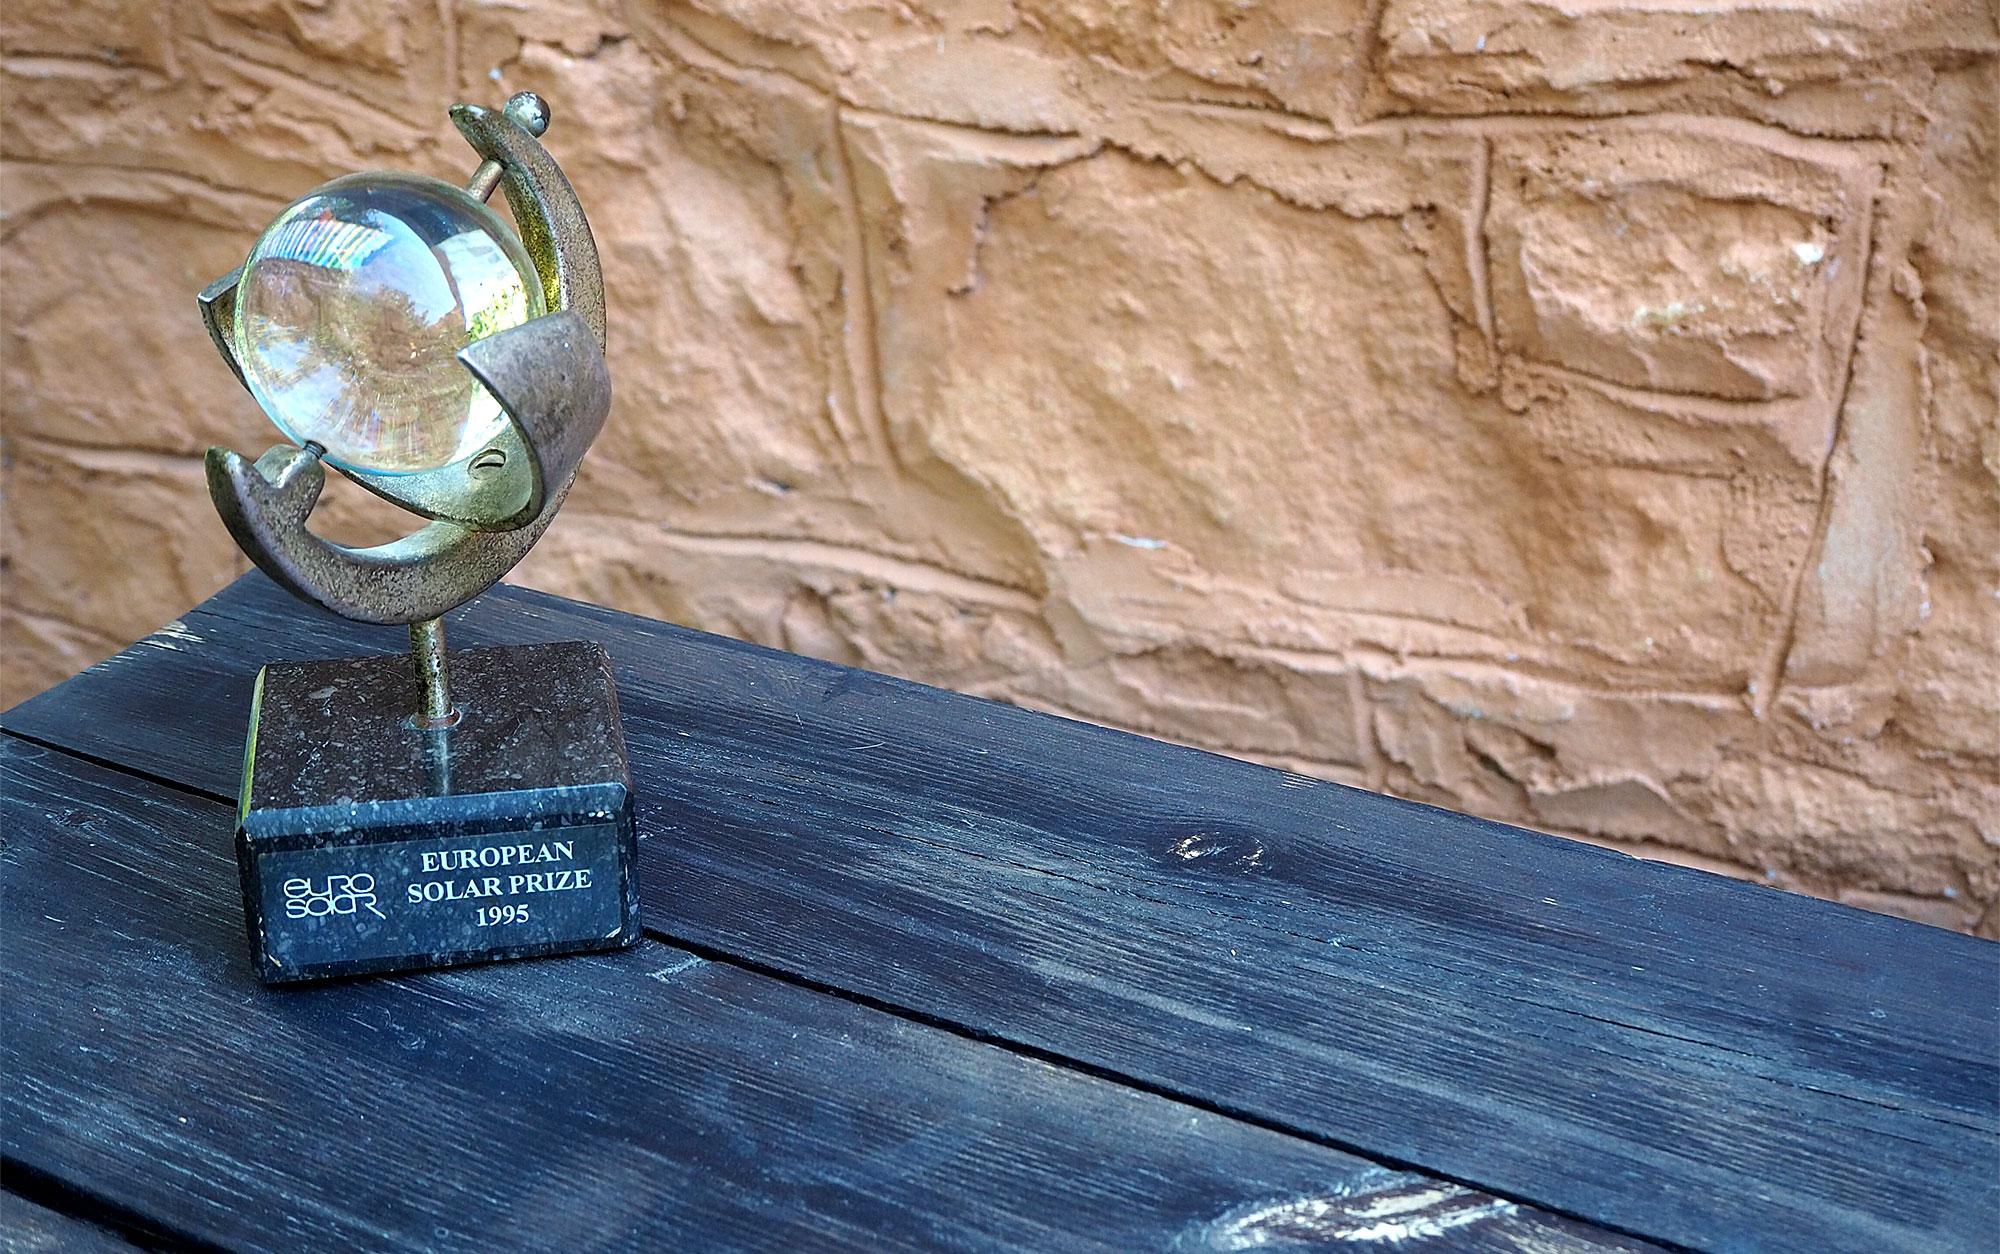 Für ihre umweltfreundliche Energienutzung gewann das Potamos einen Preis